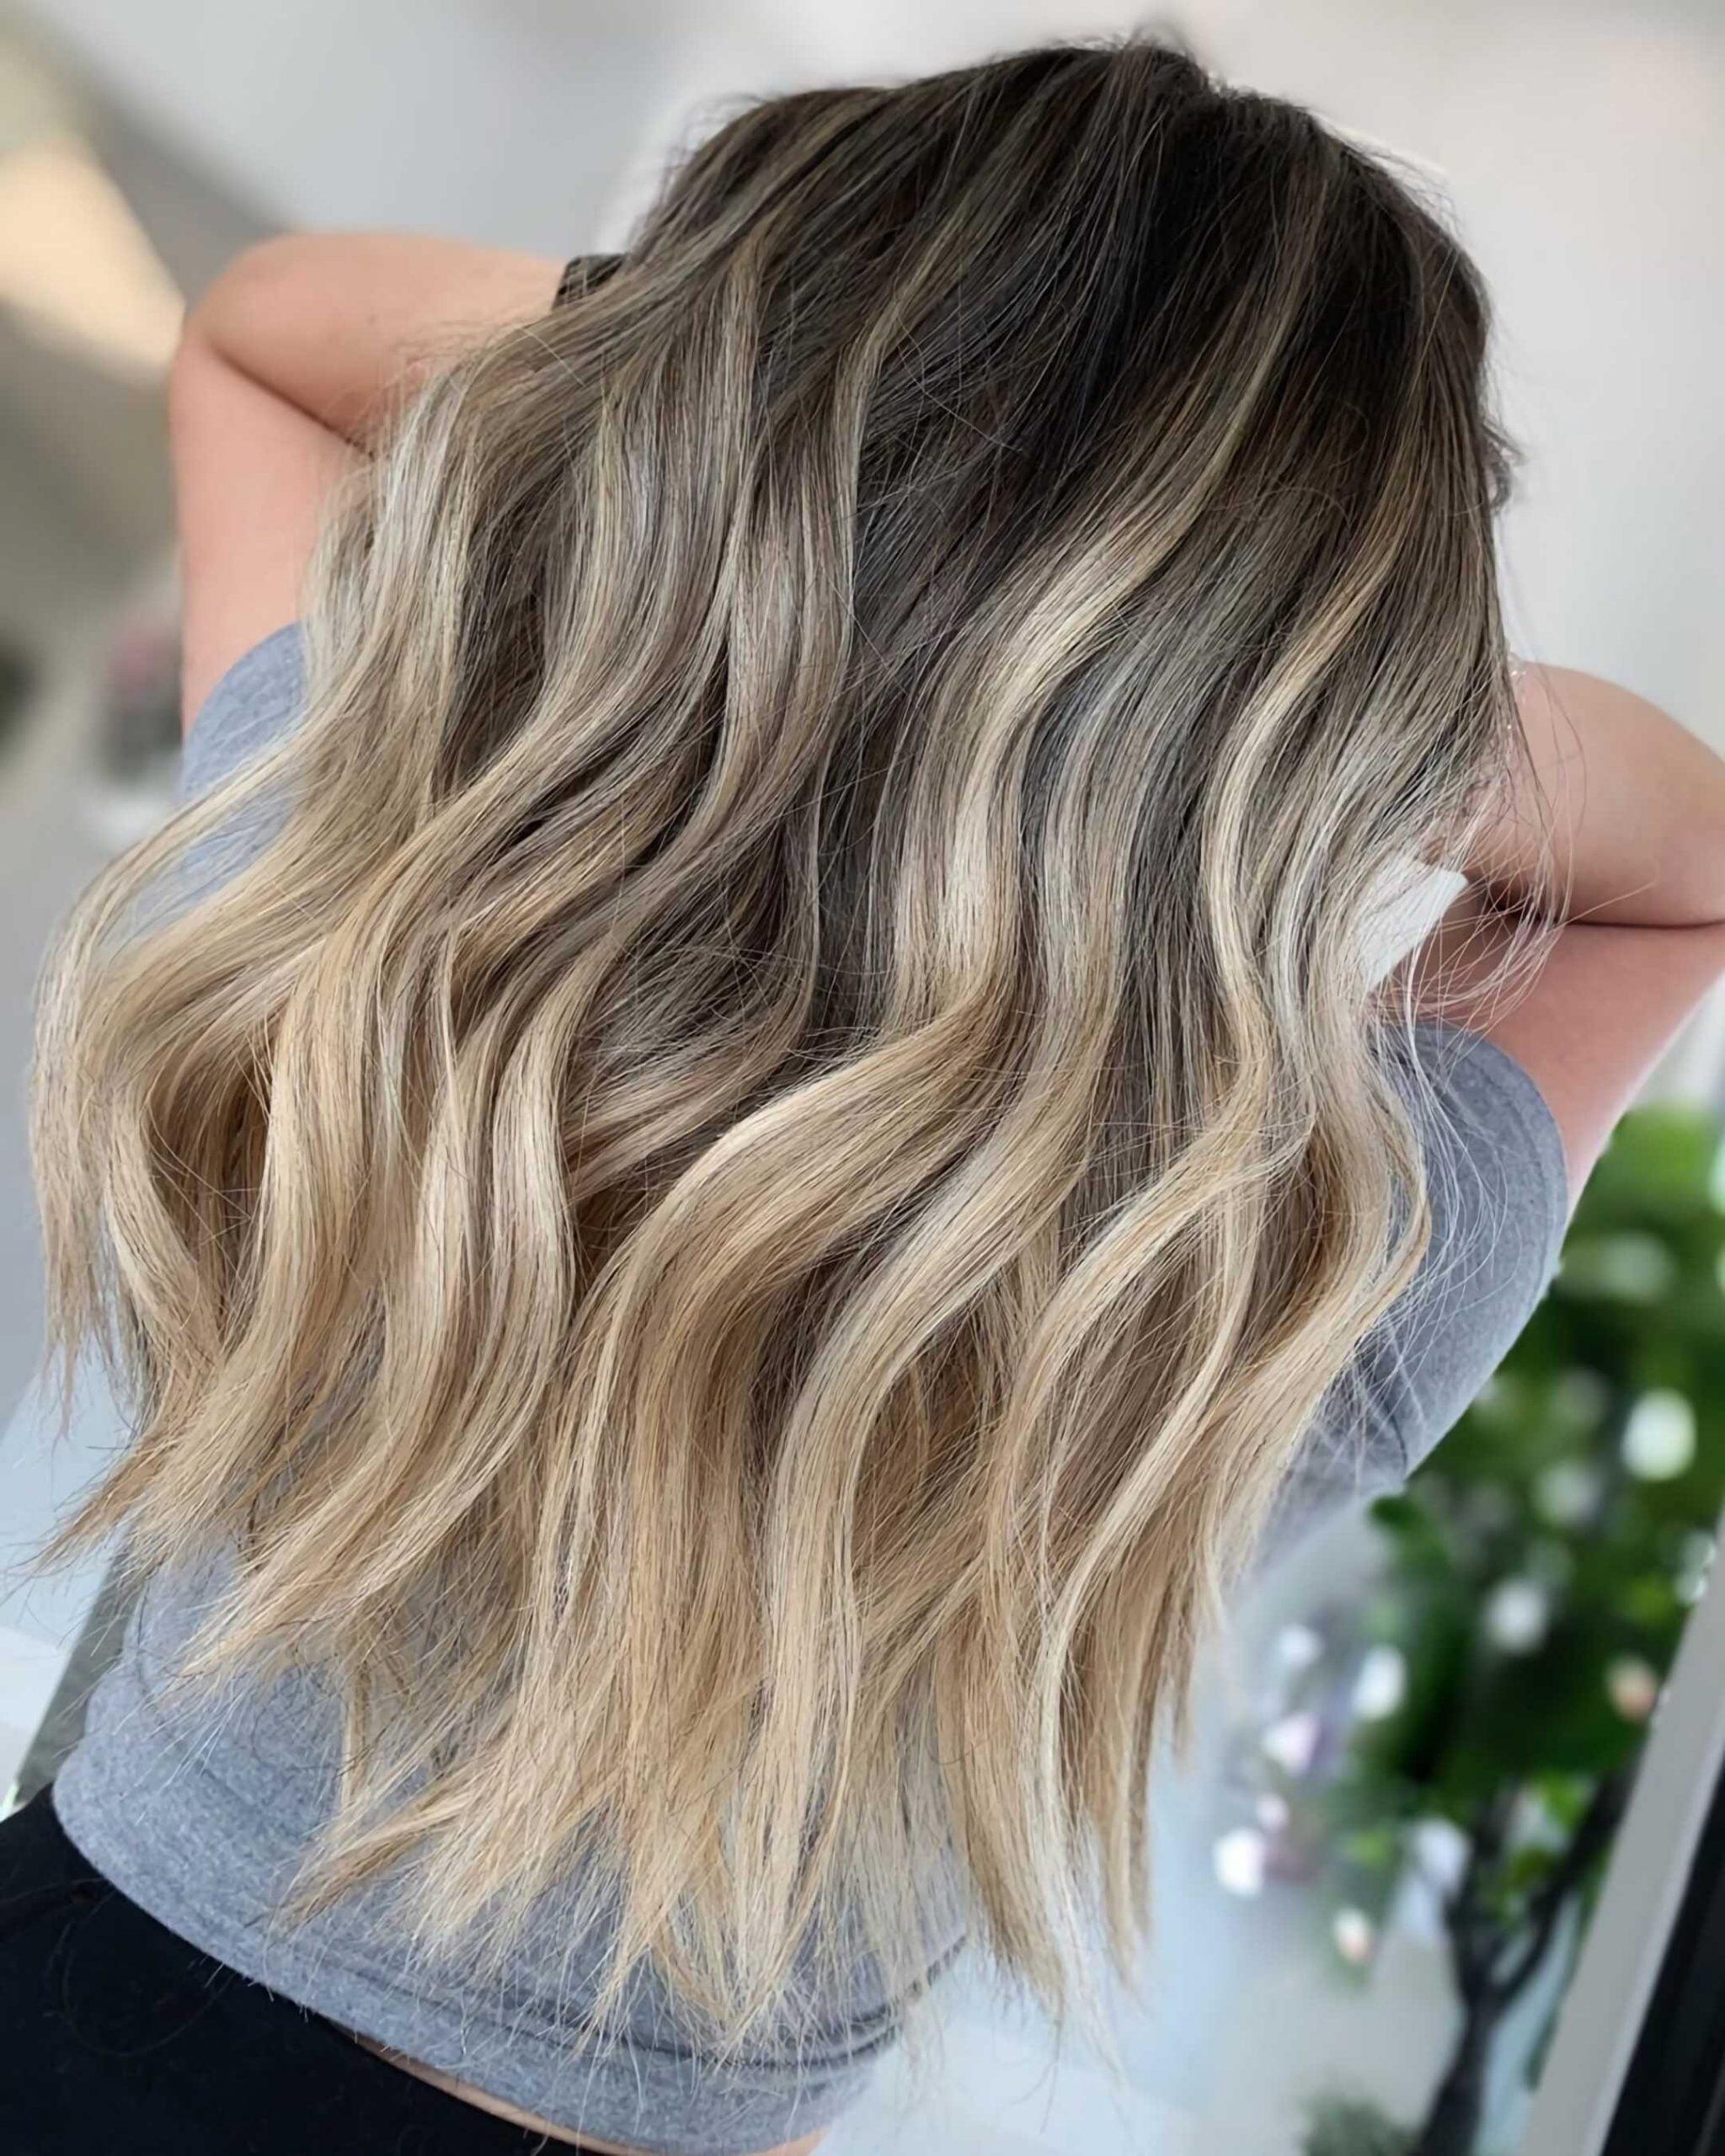 классическое окрашивание волос омбре балаяж